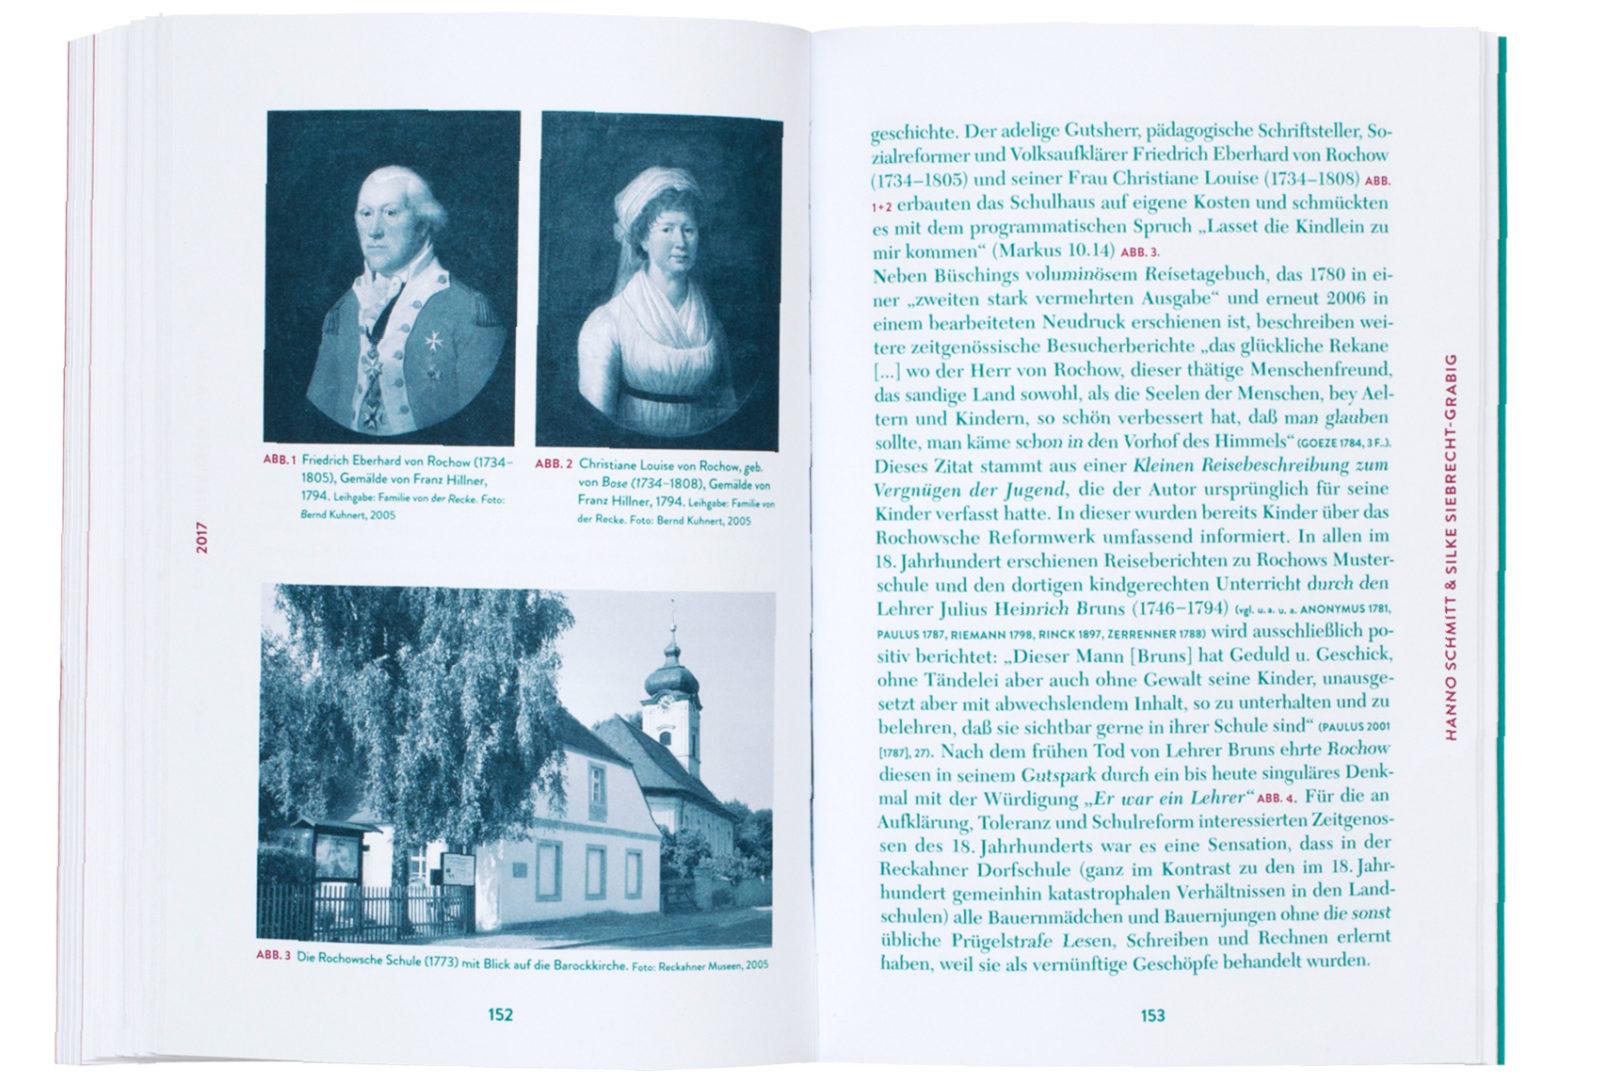 http://e-o-t.de/wordpress/wp-content/uploads/2017/12/e-o-t-2017-Books-ref-leselust-16.jpg